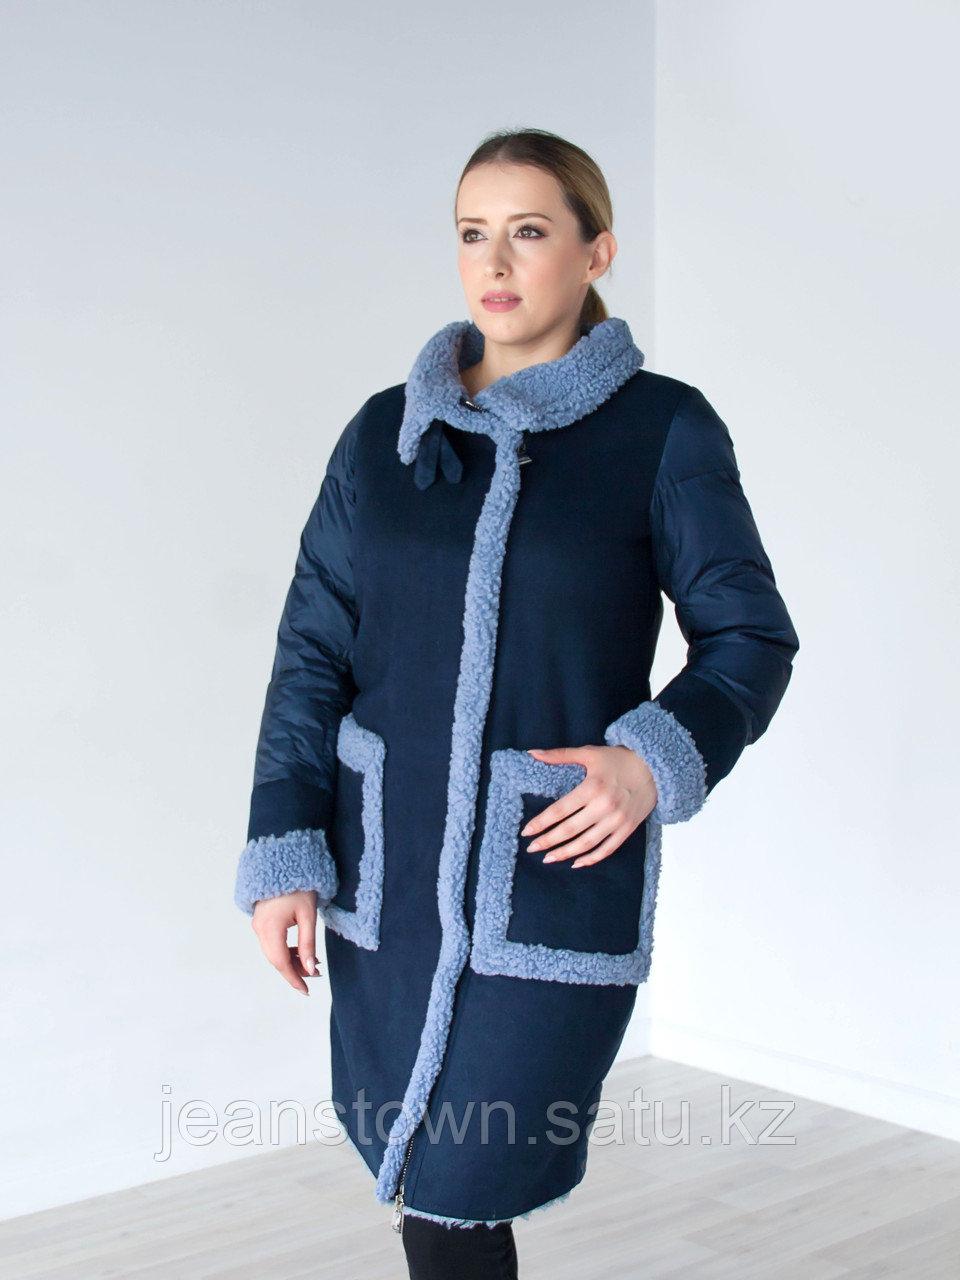 Куртка женская зимняя Evacana длинная, синяя